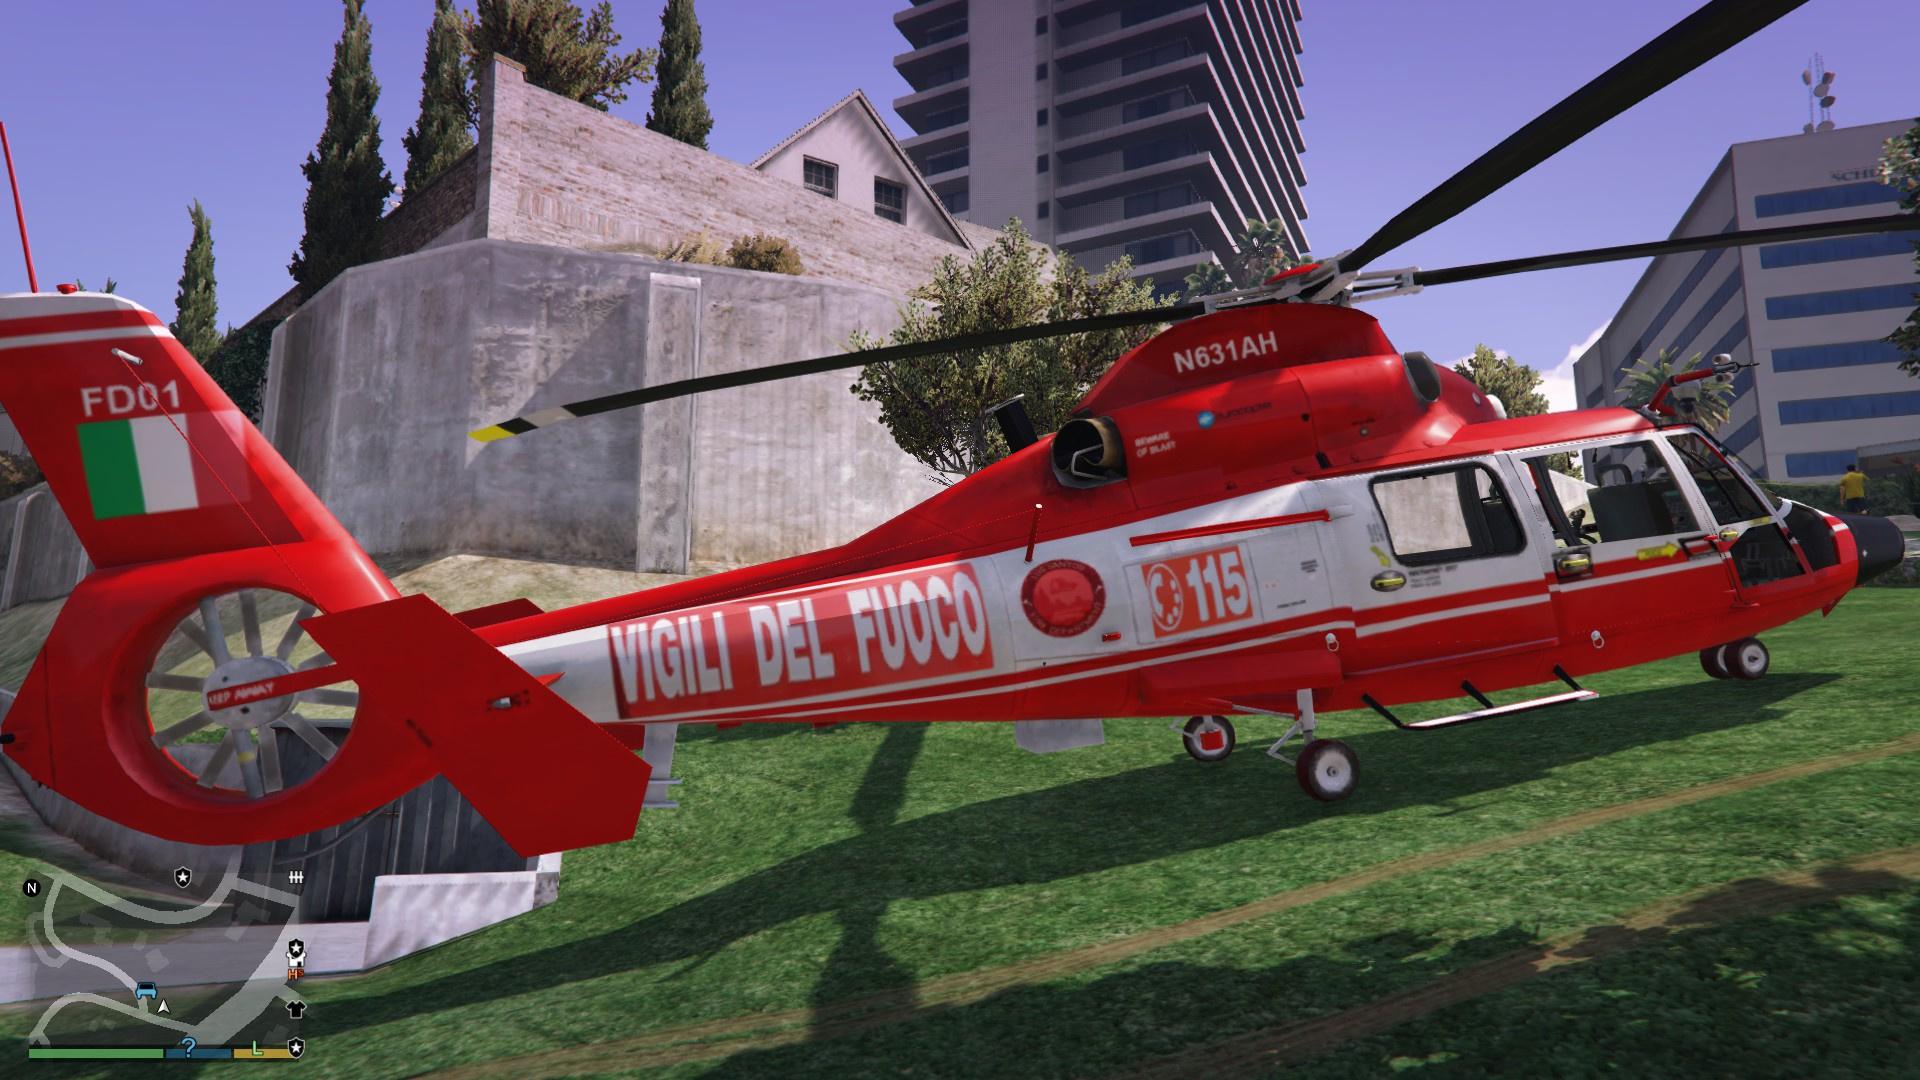 Elicottero 205 : Vigili del fuoco elicottero gta mods